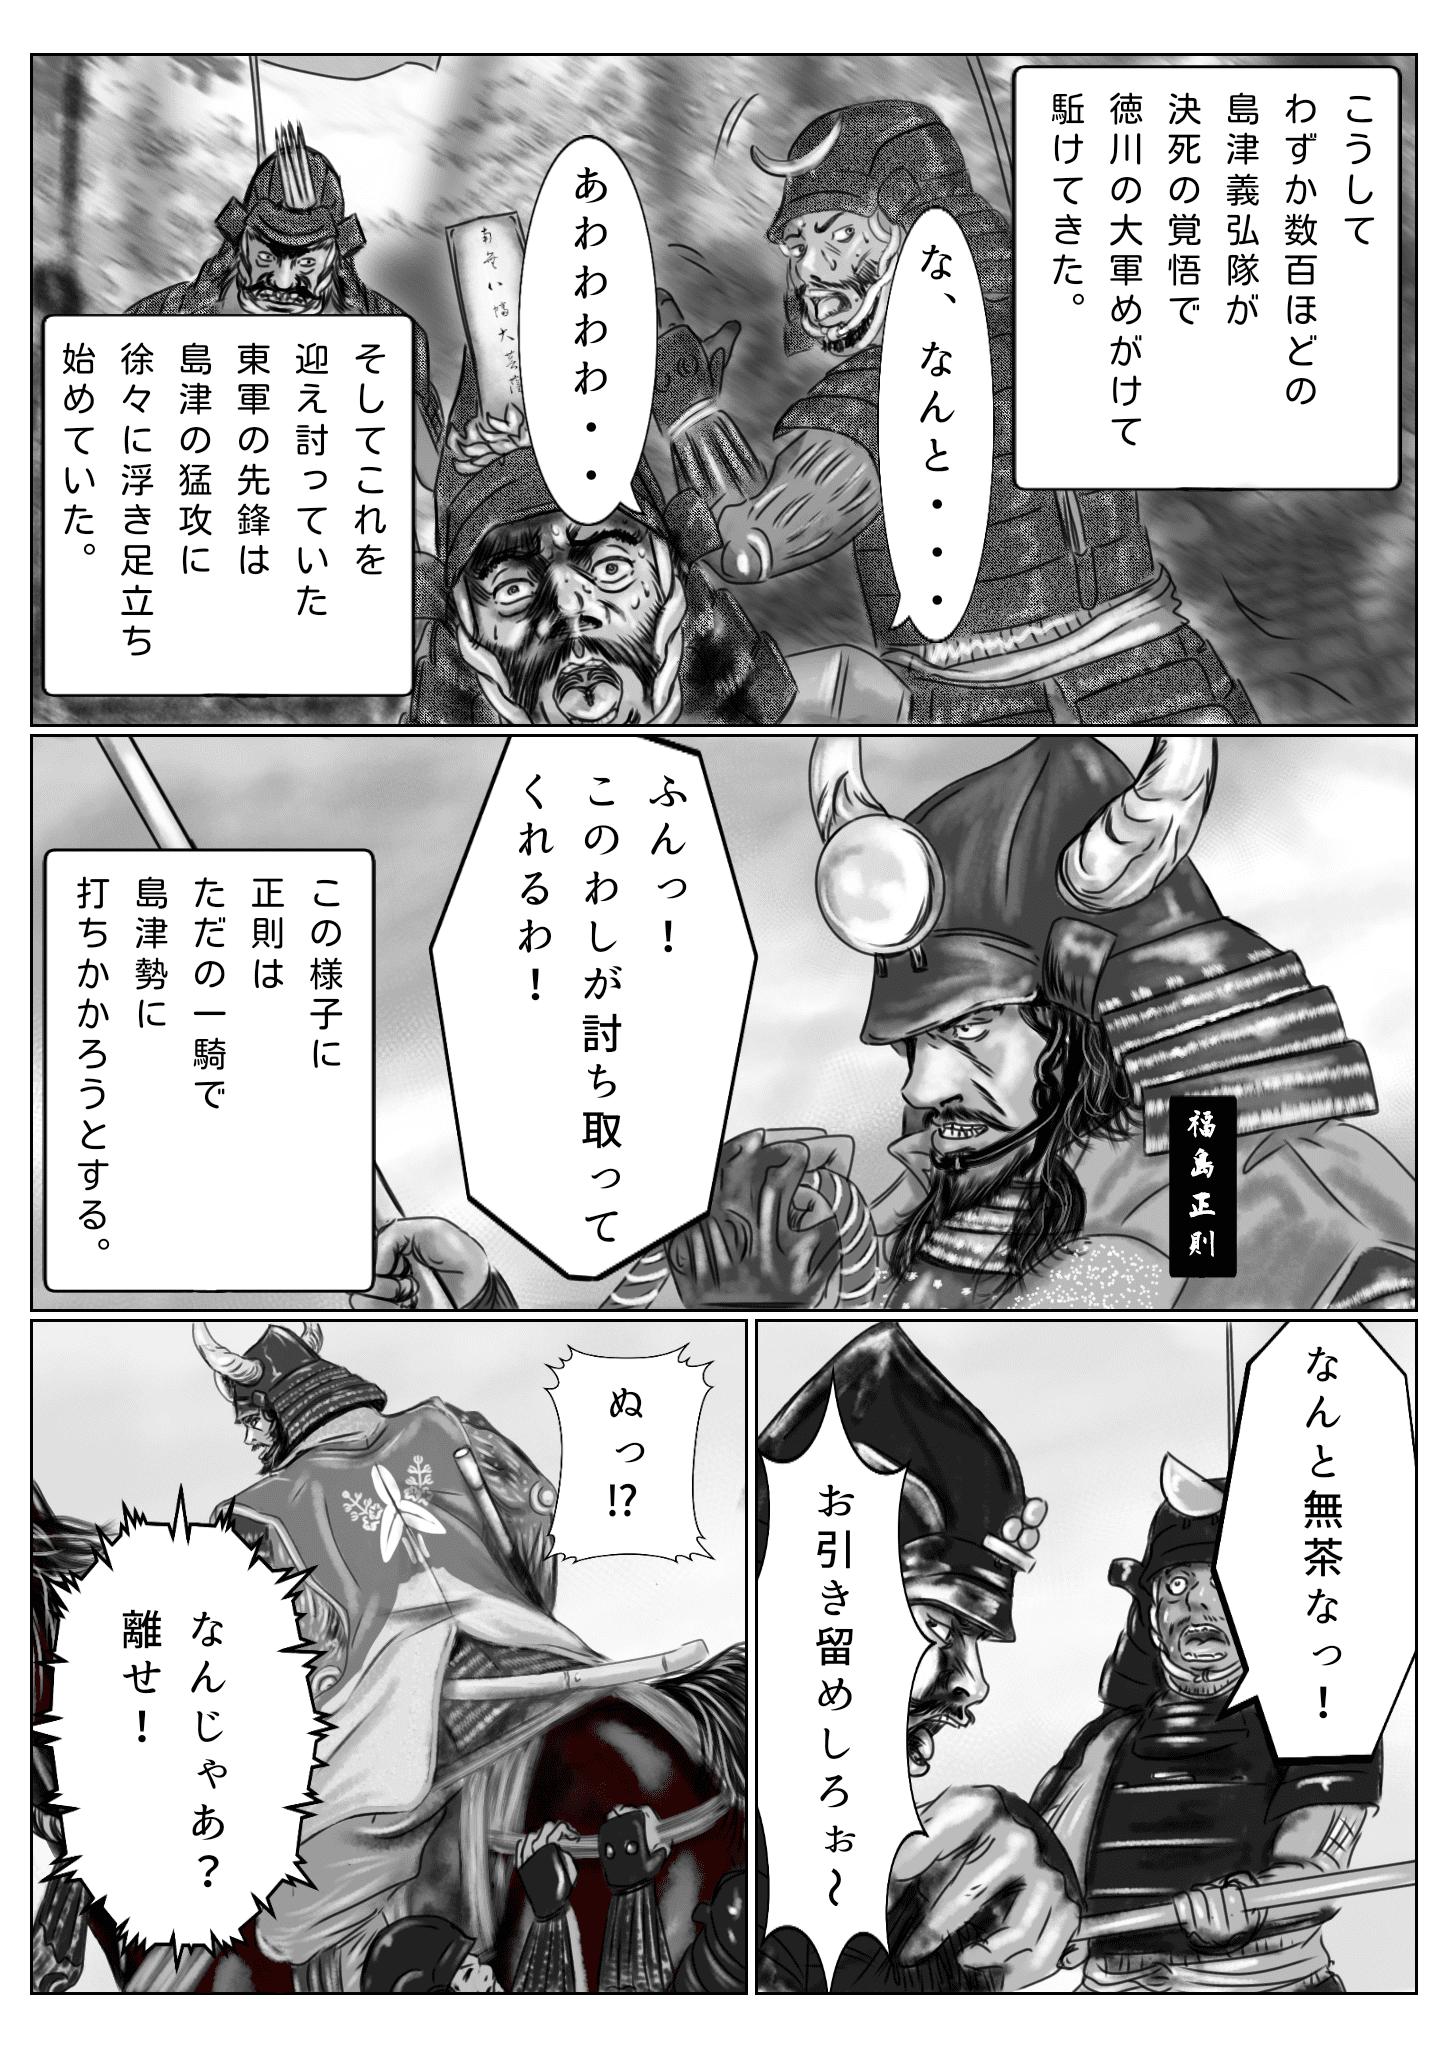 福島正則、島津義弘の突撃に後ろを見せず 2ページ